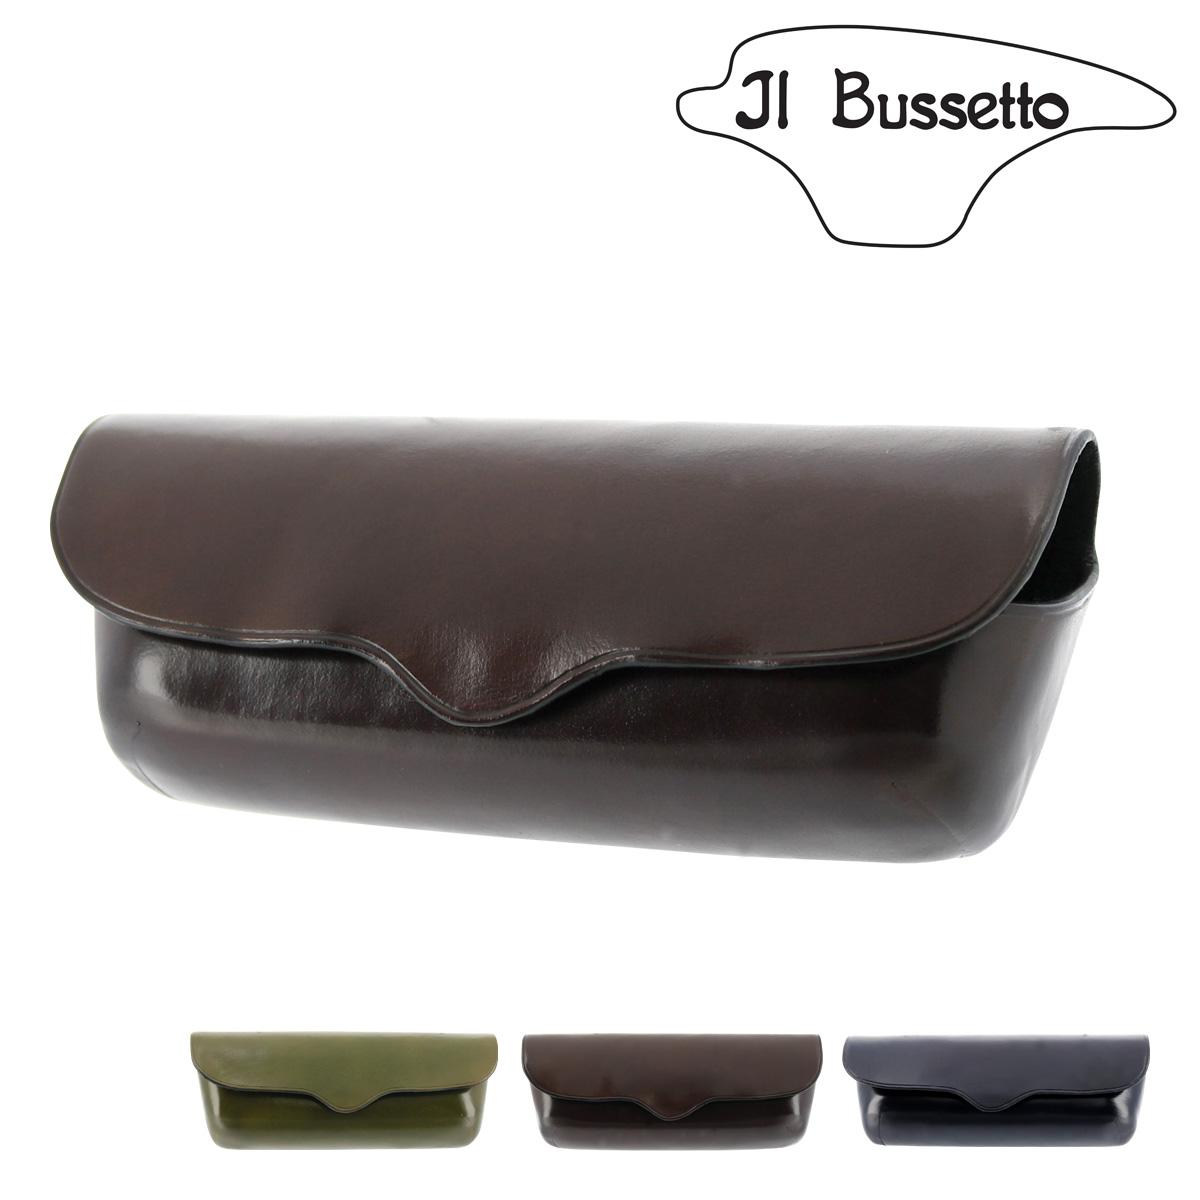 イルブセット メガネケース メンズ レディース 05-006 IL BUSSETTO | 眼鏡ケース スリム 本革 イタリアンレザー ブランド専用BOX付き[bef]